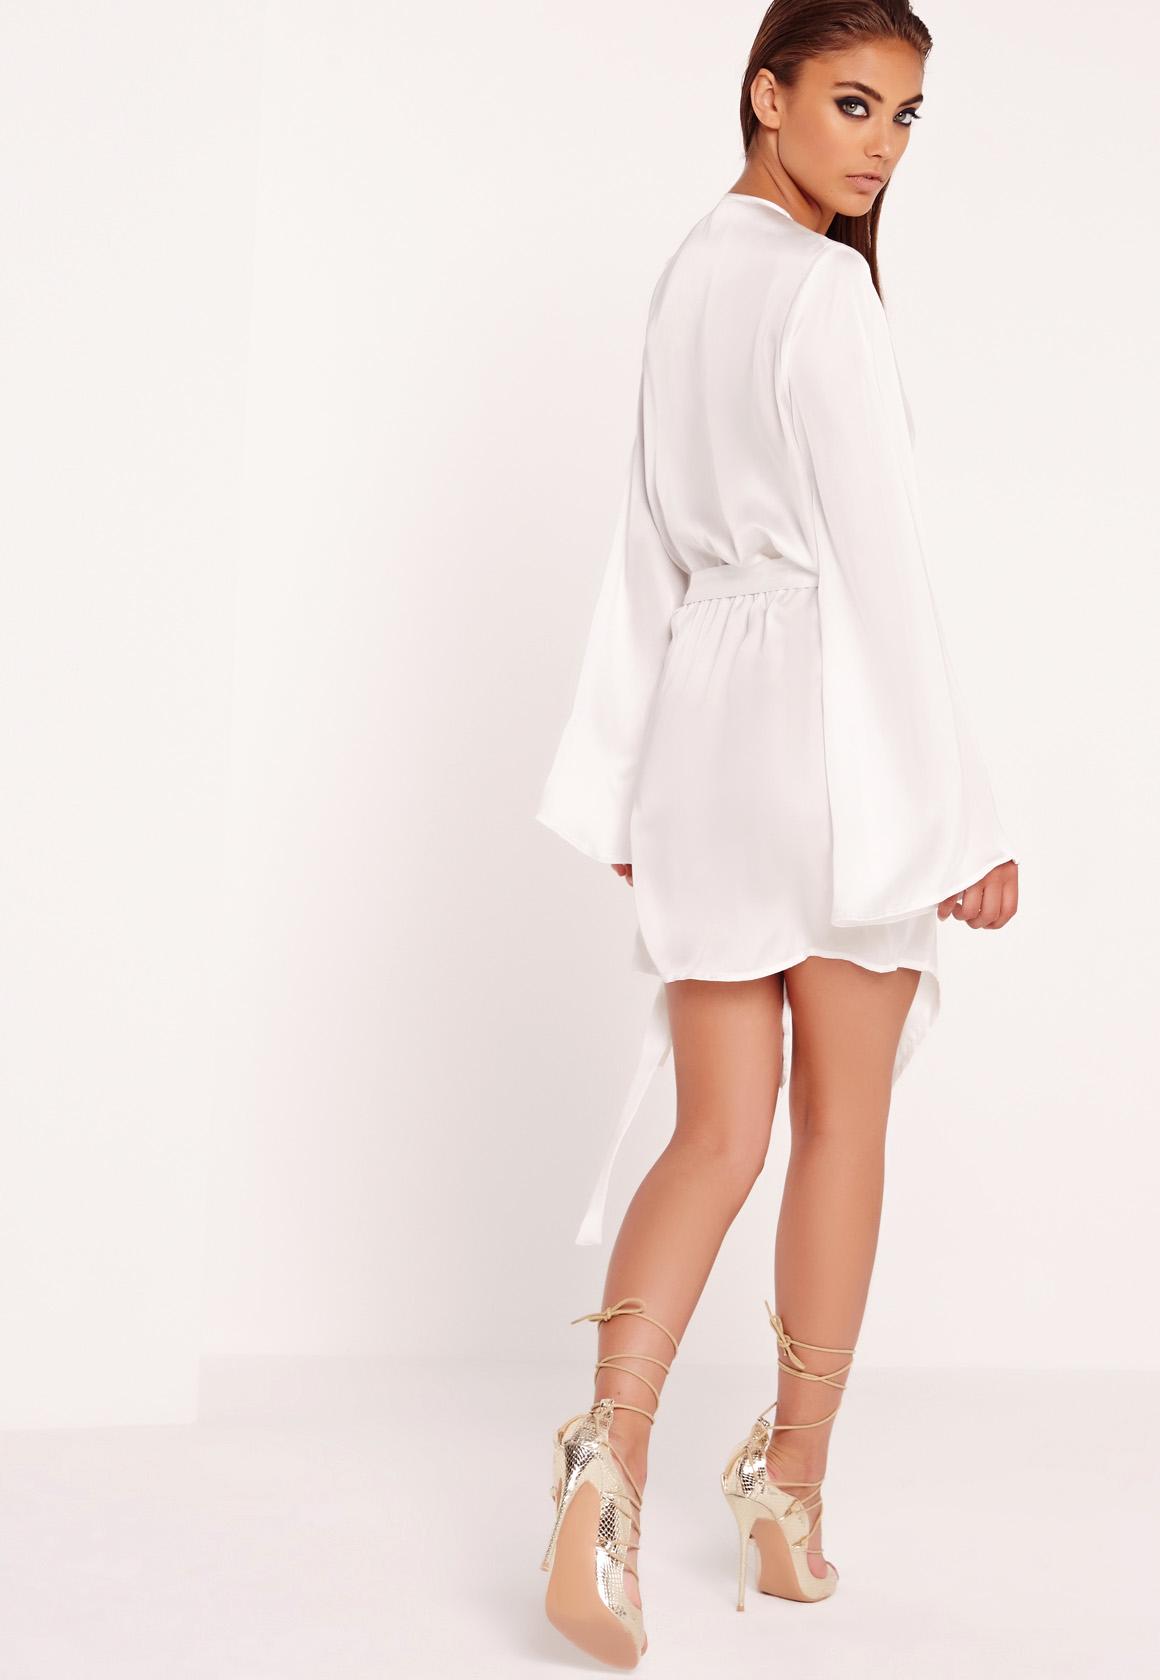 Missguided Kimono Wrap Dress White In White Lyst